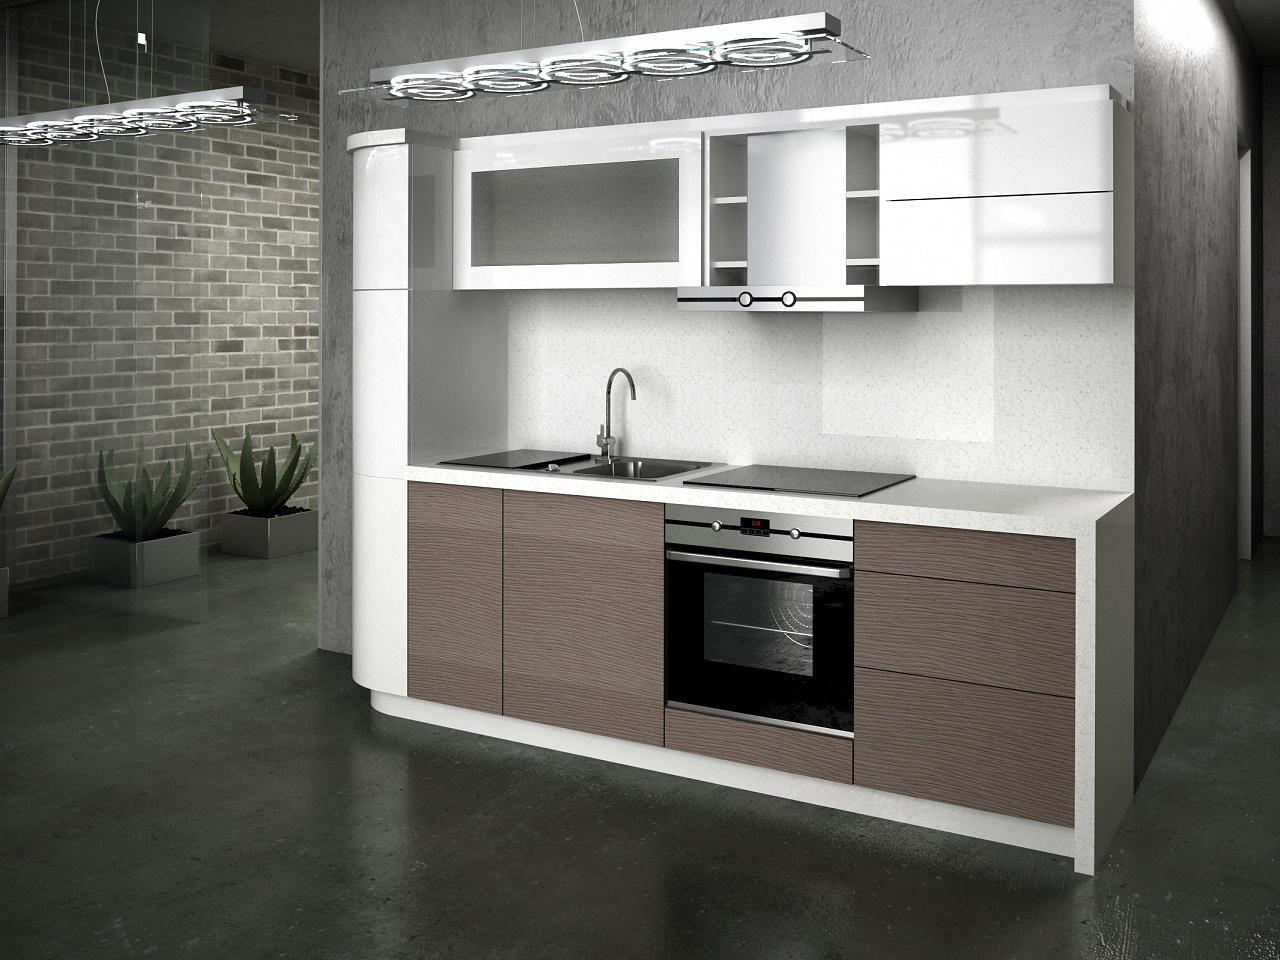 Small Modern Kitchen Ideas | Simple kitchen design, Modern ...